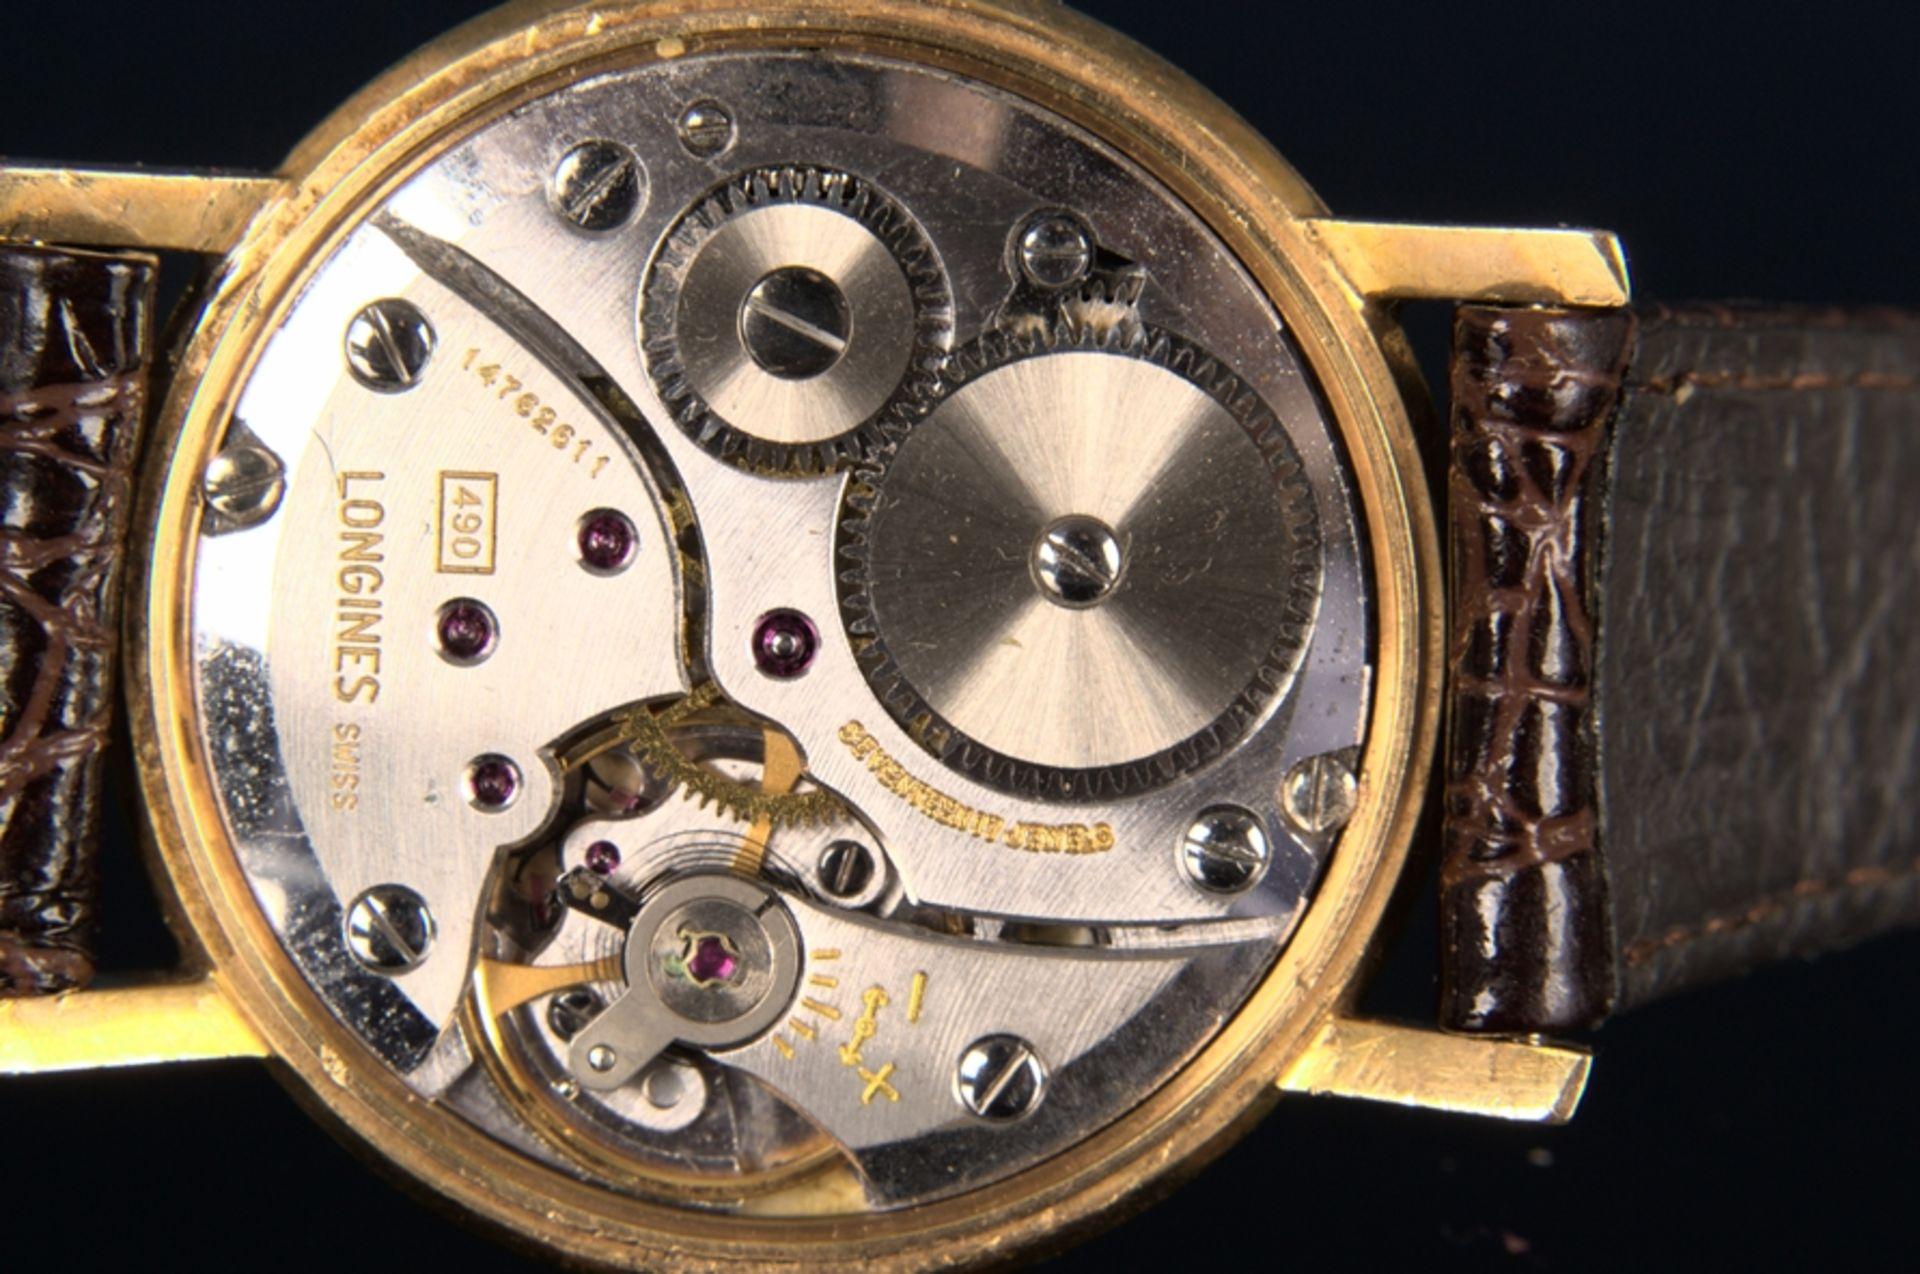 """""""LONGINES"""" - Elegante, goldene Herrenarmbanduhr der Marke Longines. Gehäuse in 18 K Gelbgold, - Bild 8 aus 12"""